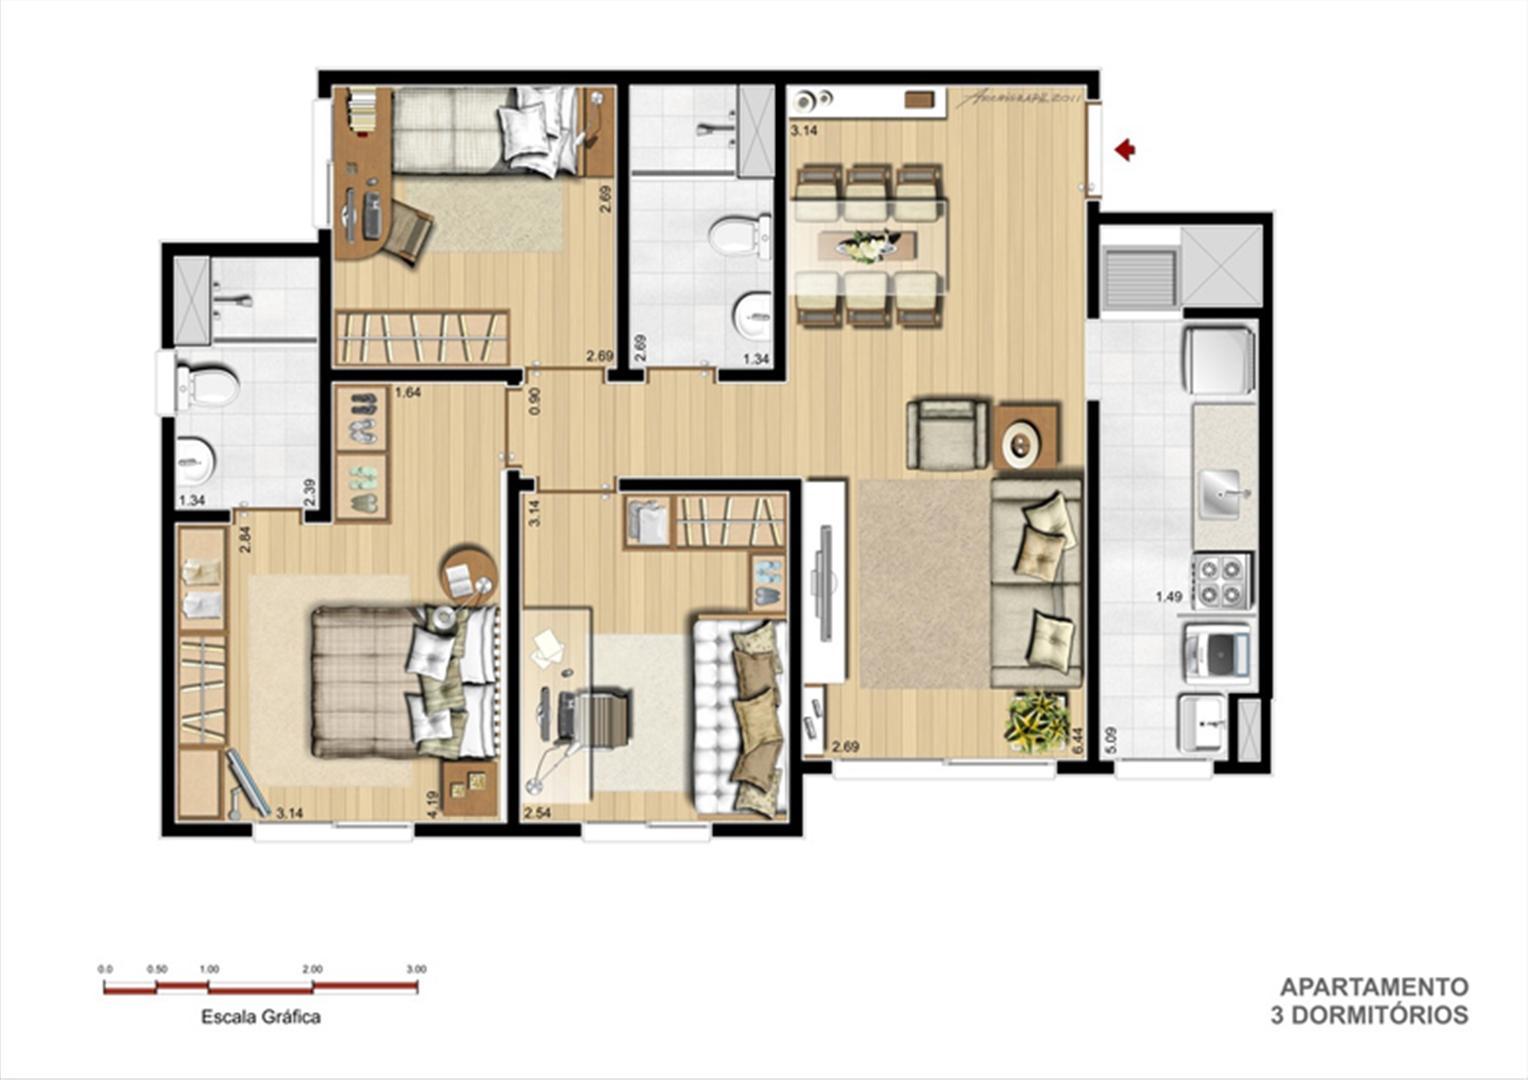 Torre A - Tipo 3 dormitórios | Supera Condomínio Clube – Apartamento na  Cavalhada - Porto Alegre - Rio Grande do Sul